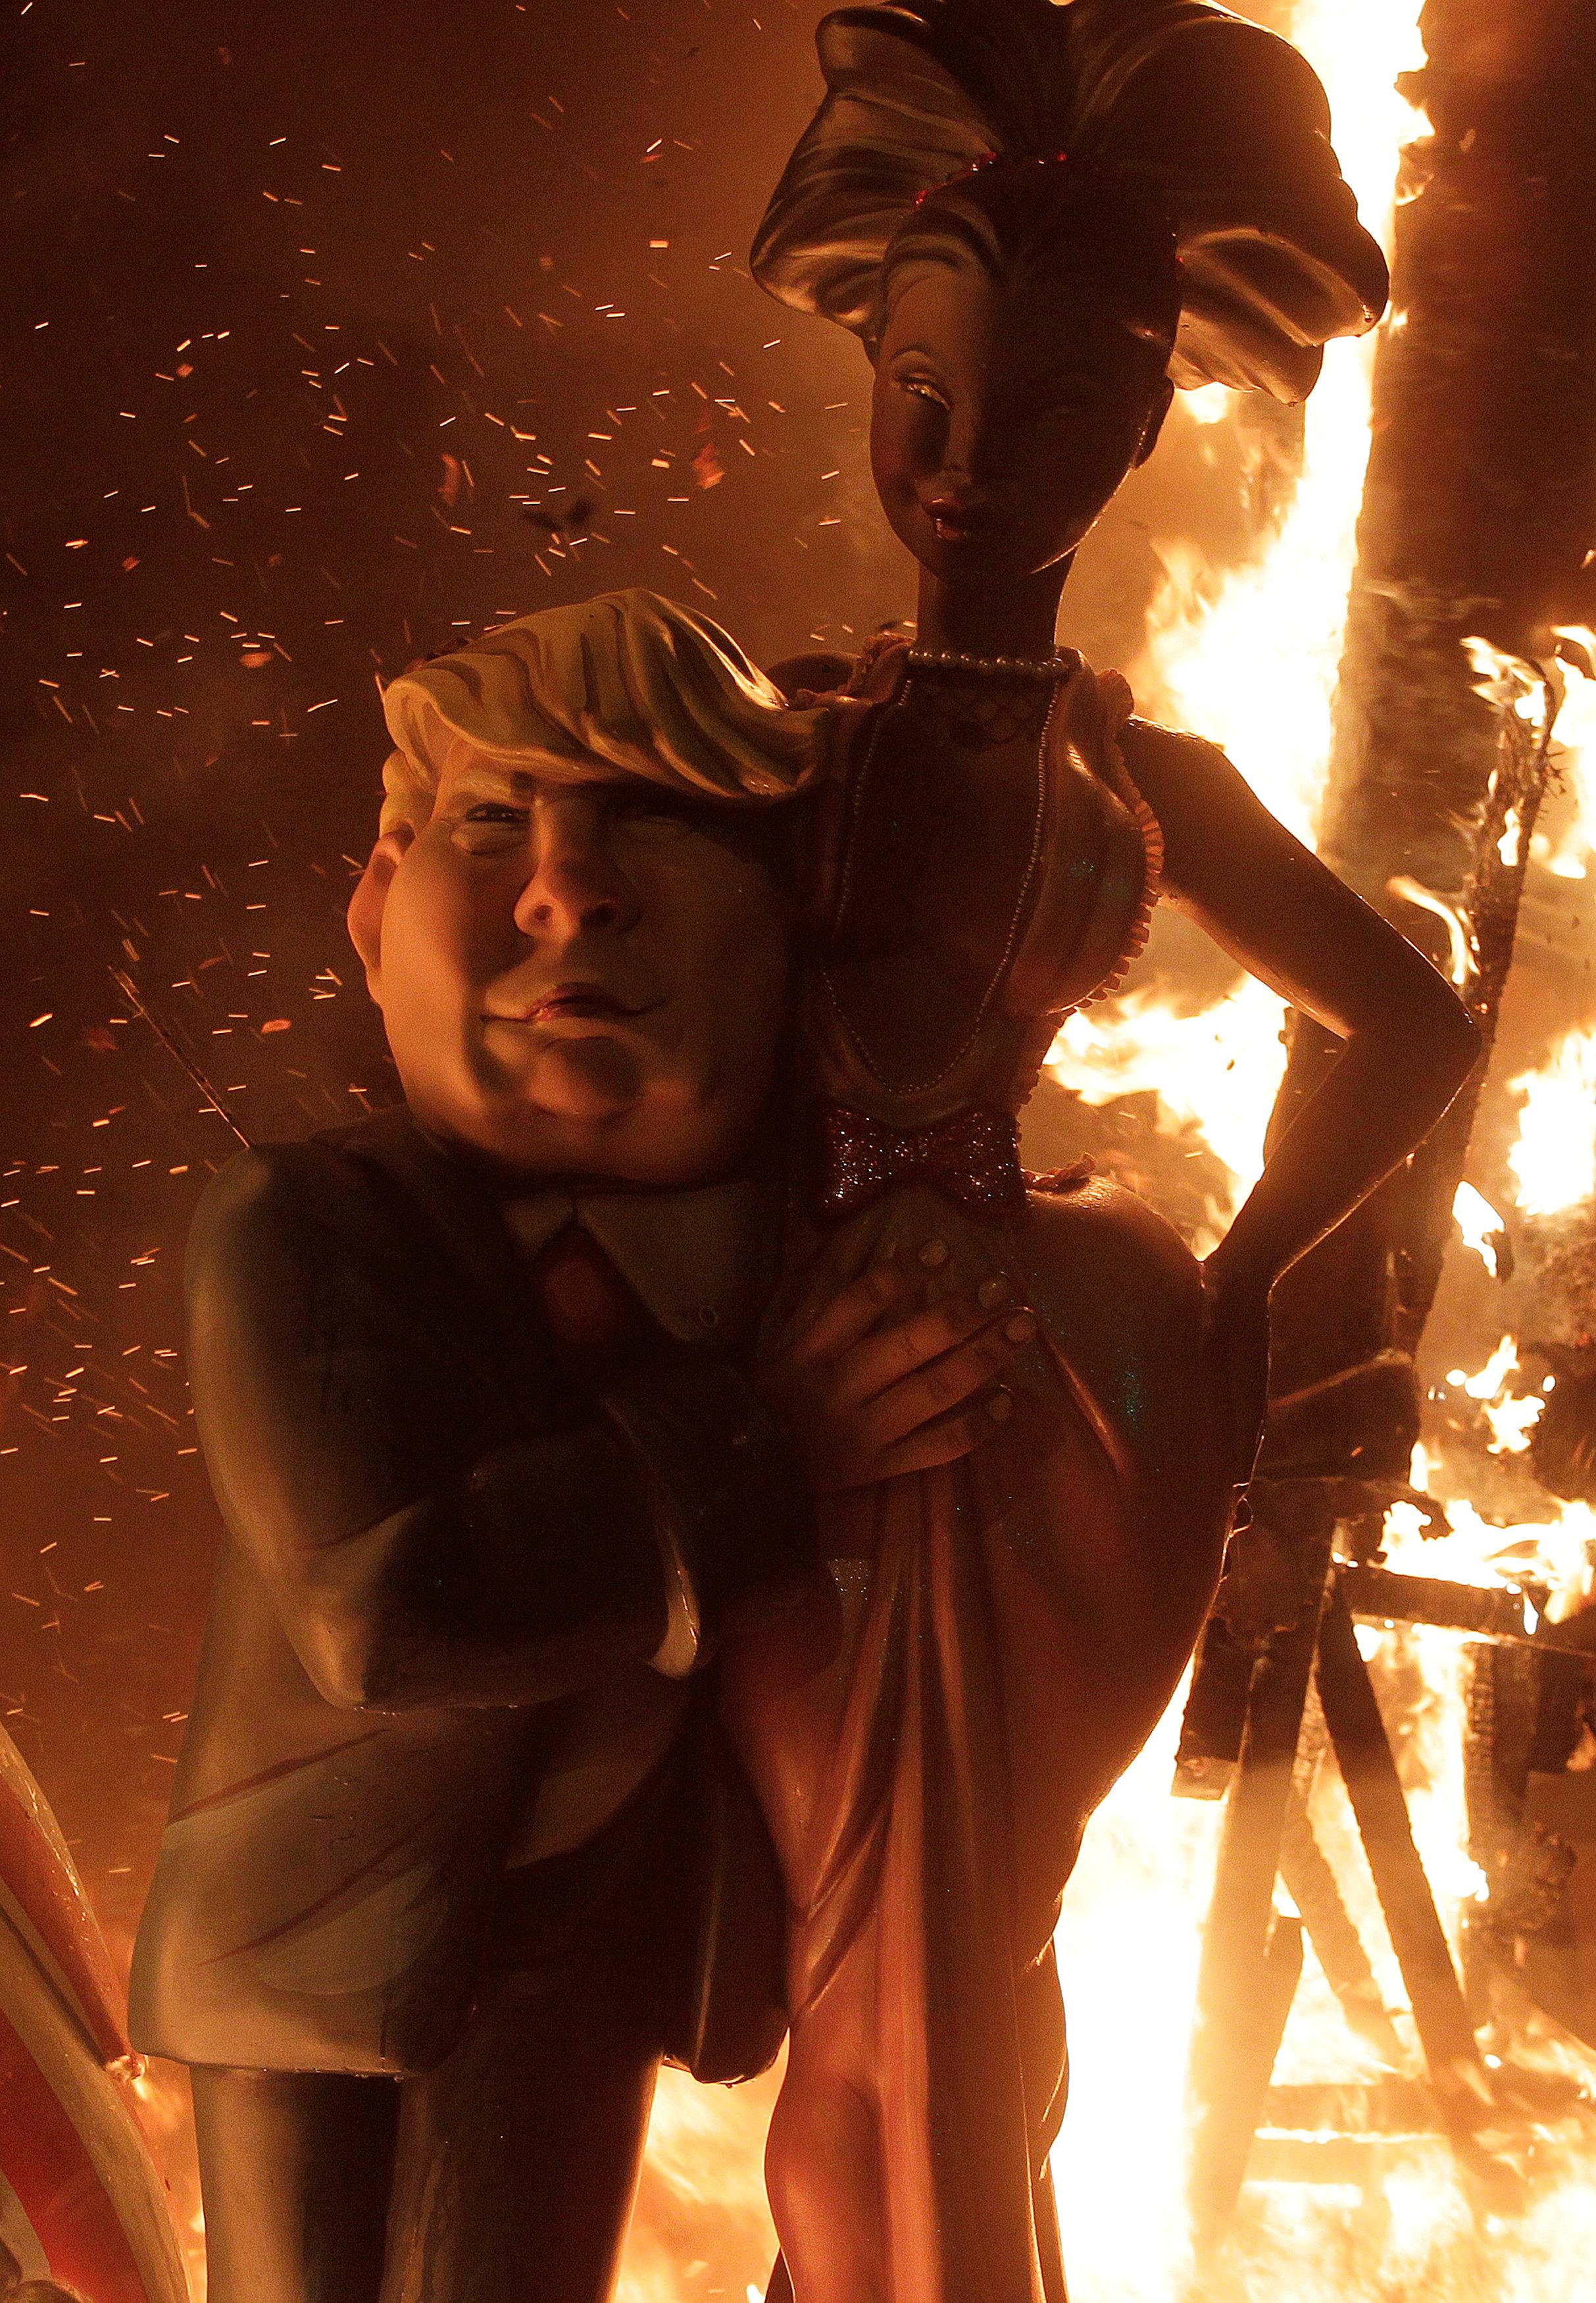 النيران تلتهم التماثيل من خلف تمثال ترامب